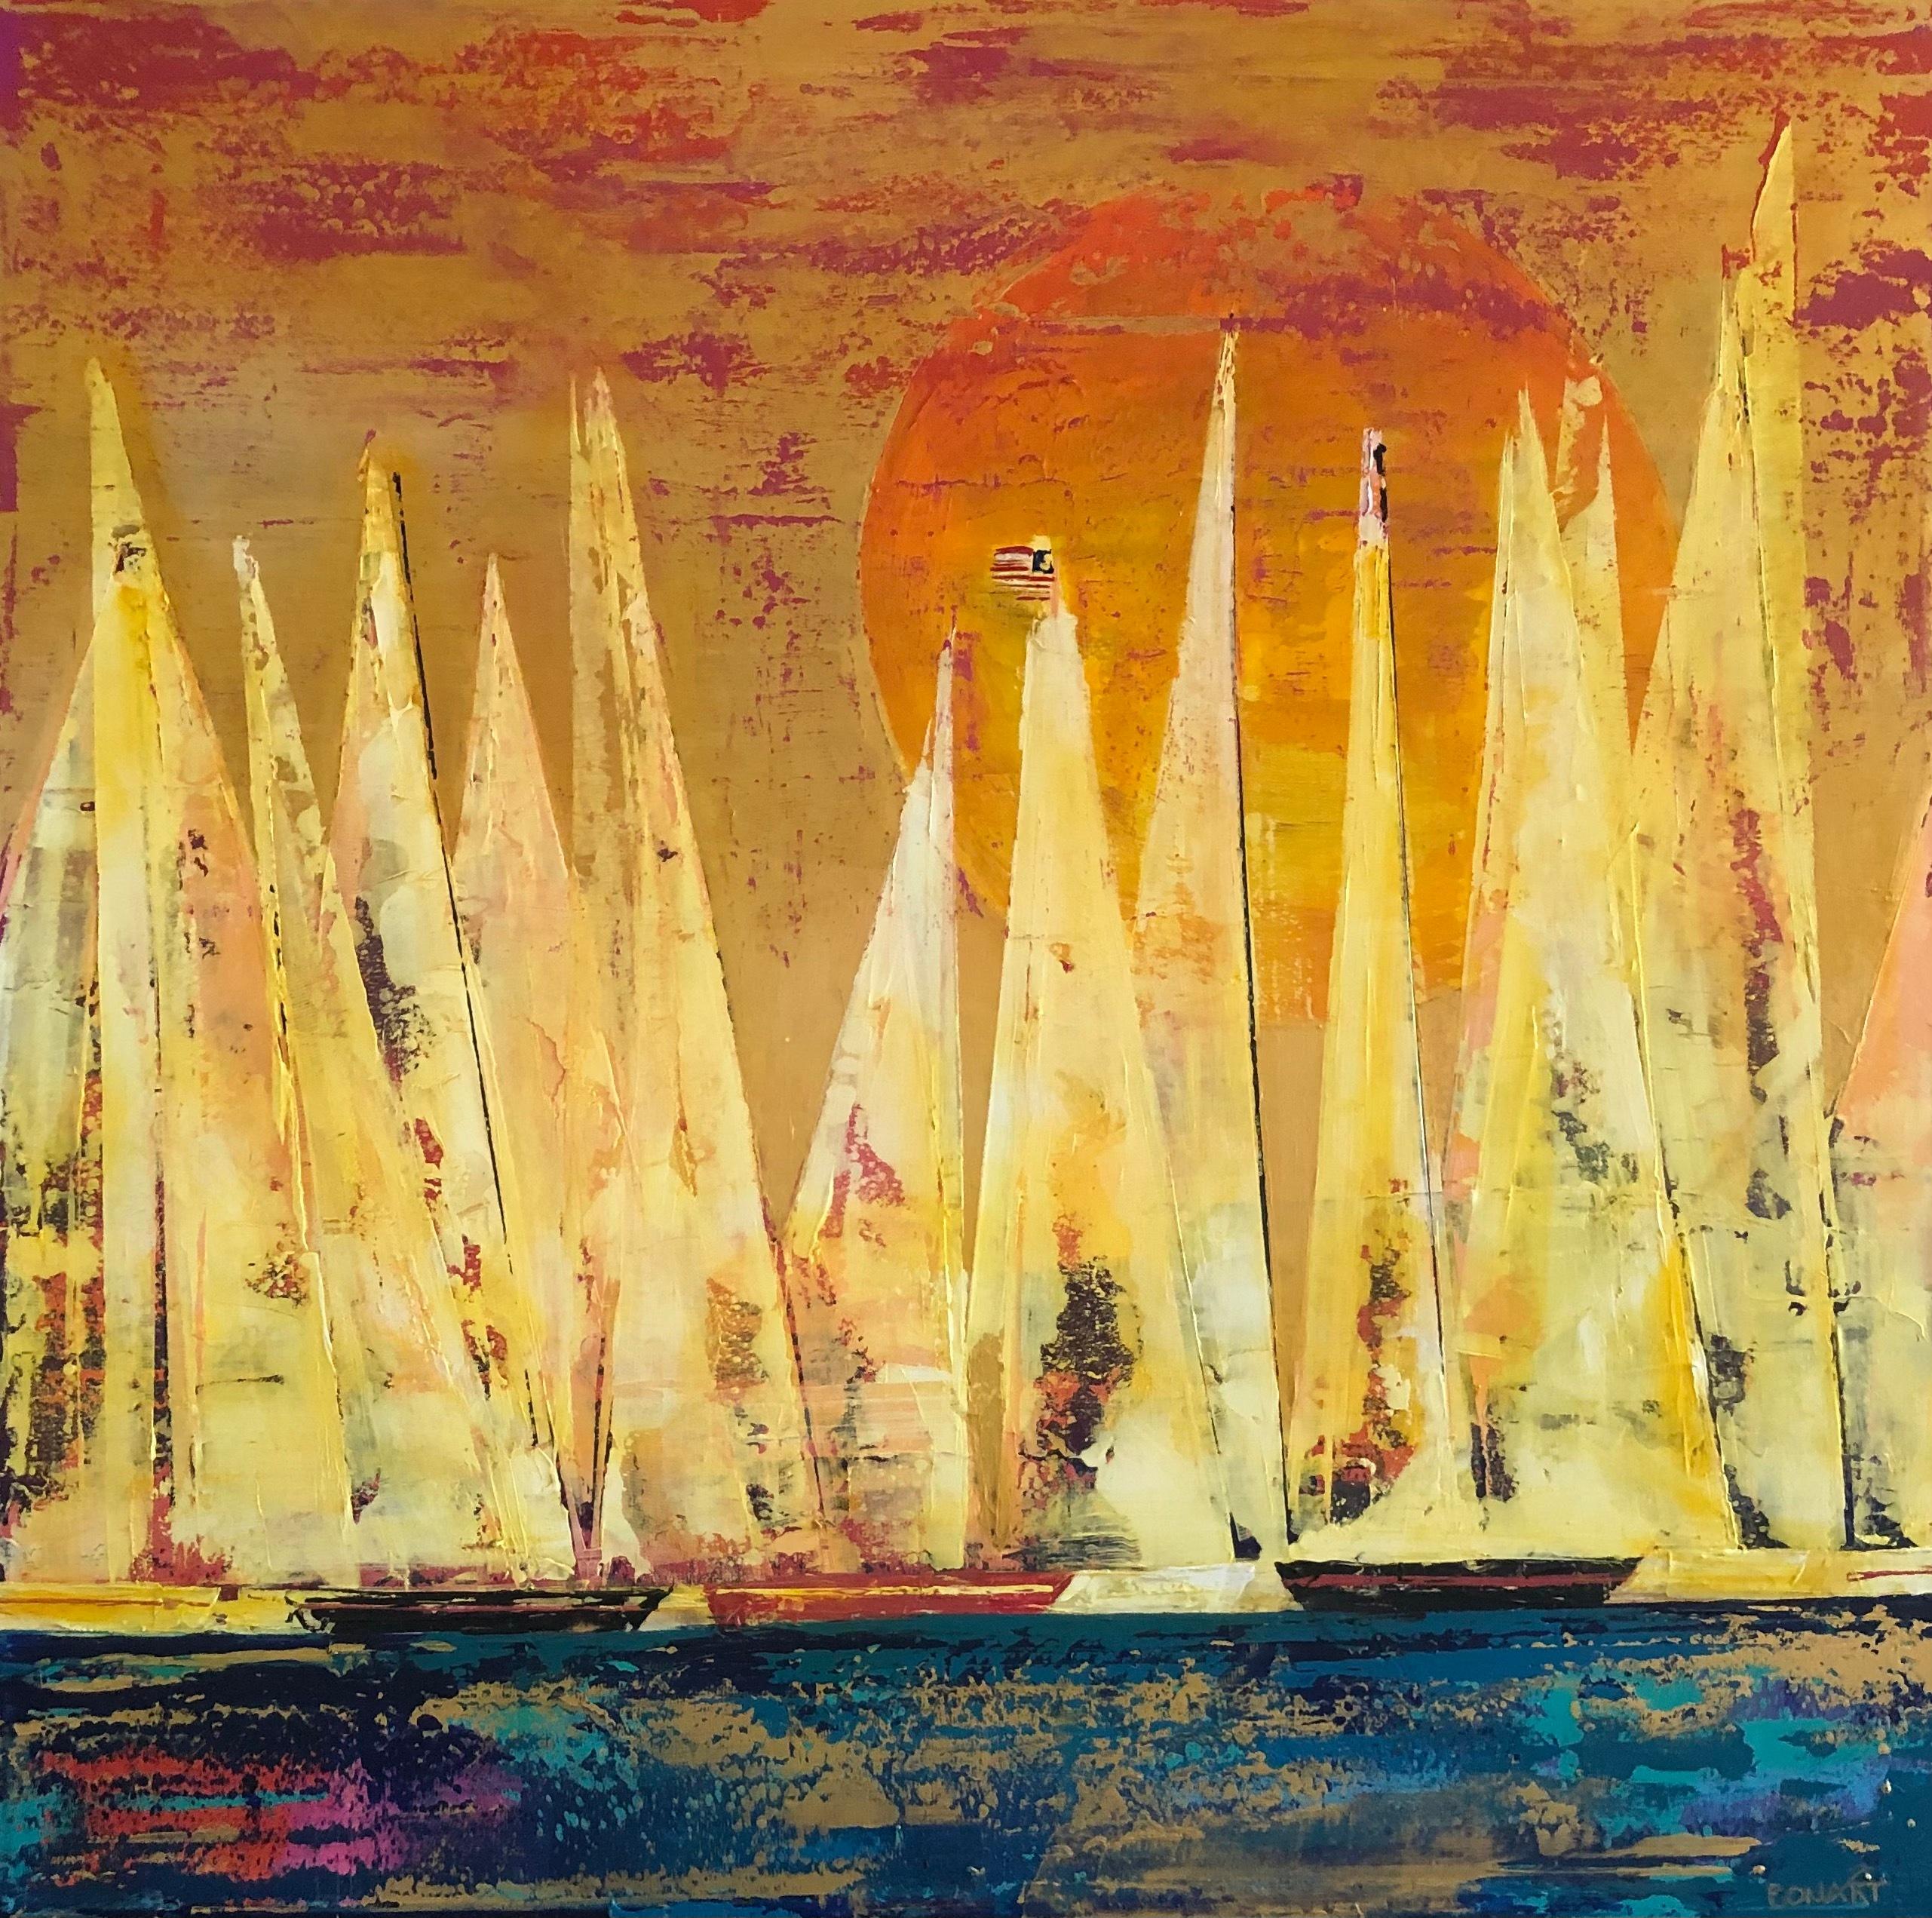 Sail at ease mvmqlc